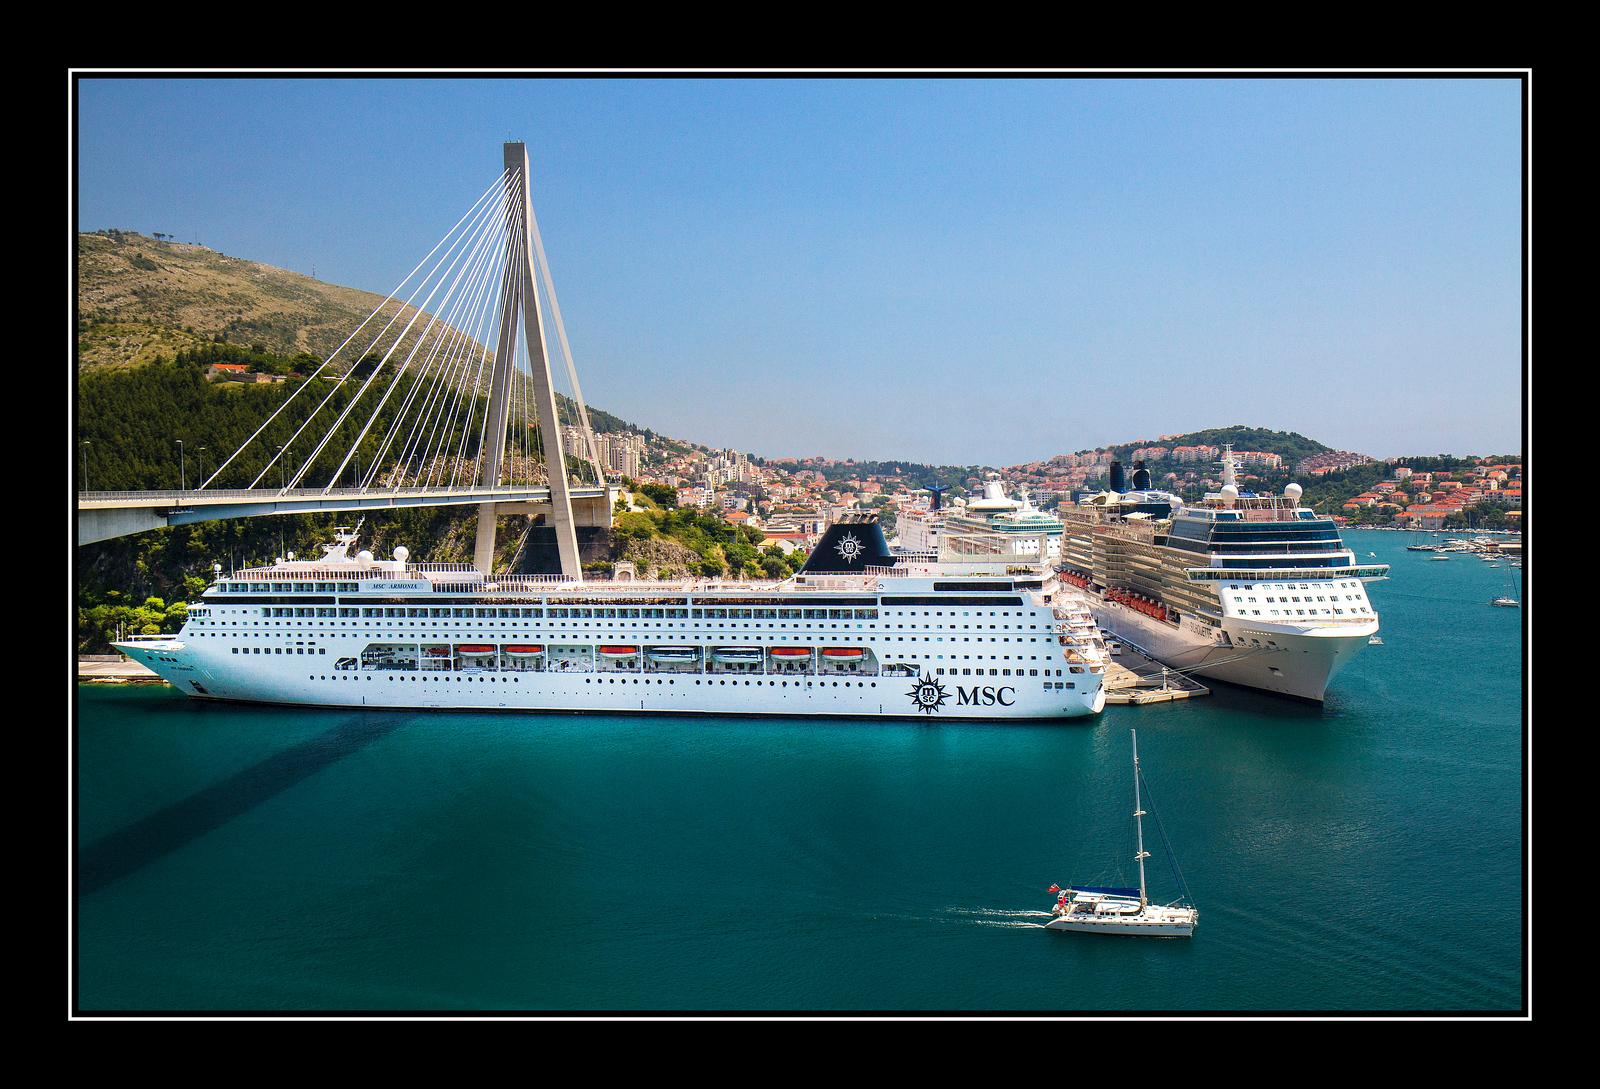 IMAGE: https://photos.smugmug.com/Travel/Dubrovnic/i-gq3sd4K/0/9a6796e6/X3/Dubrovnik%20cruise%20ships%20and%20bridge-X3.jpg